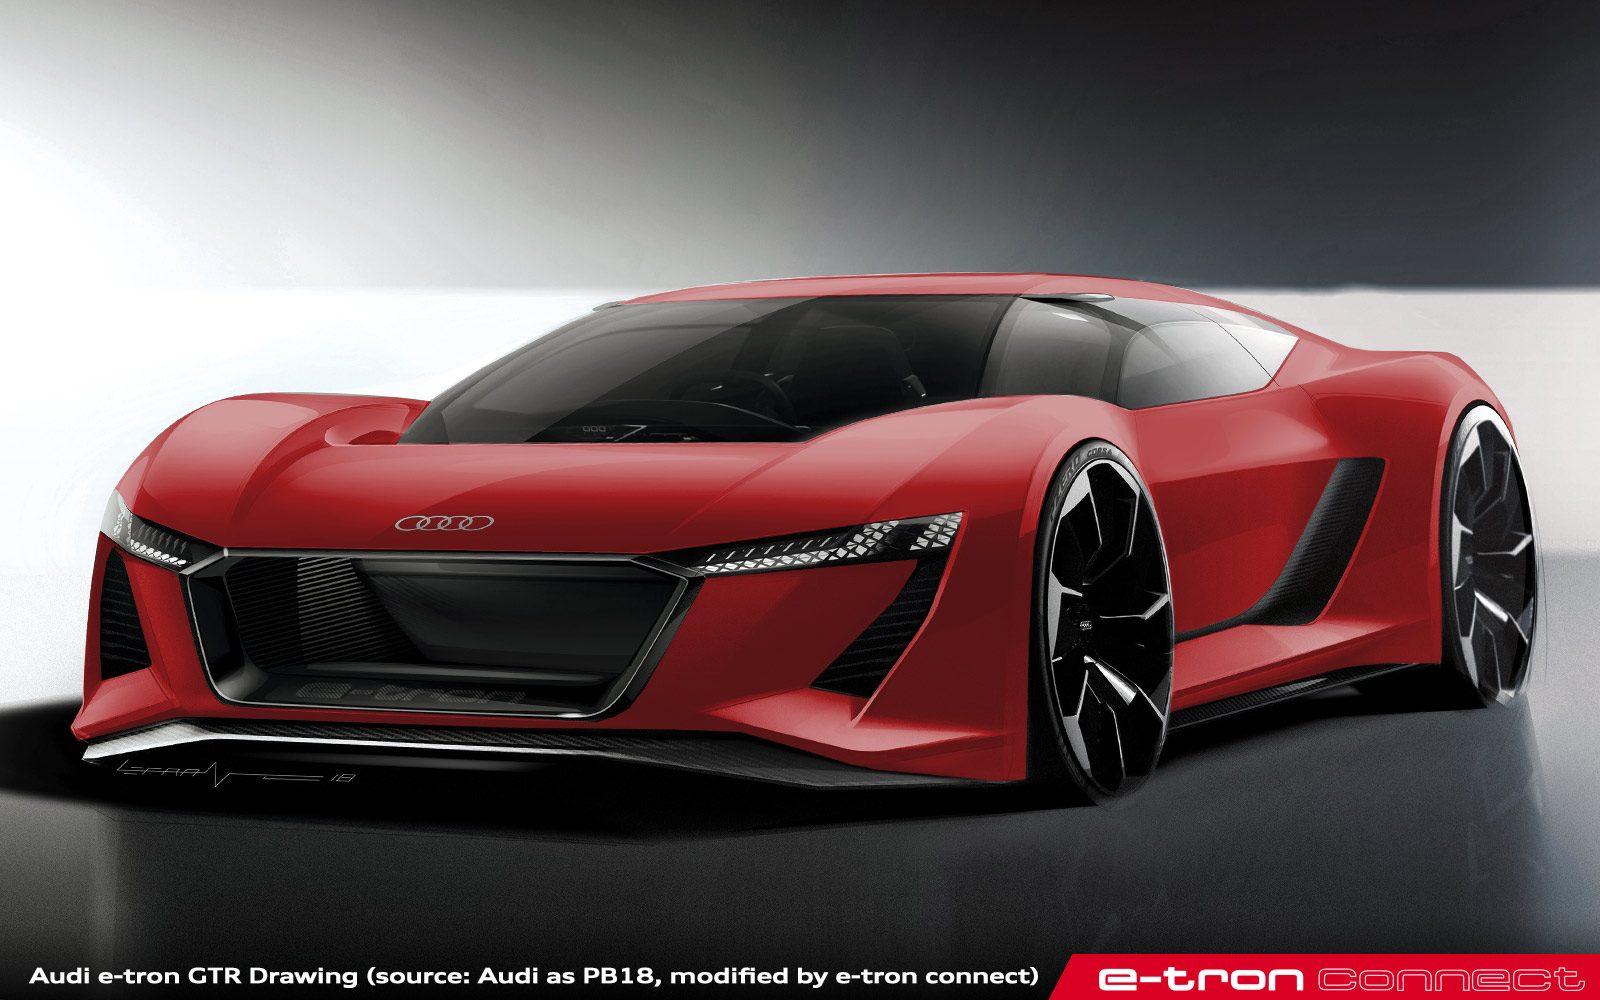 e-tron connect: Rumor: Audi Plans R8 Replacement Dubbed e-tron GTR